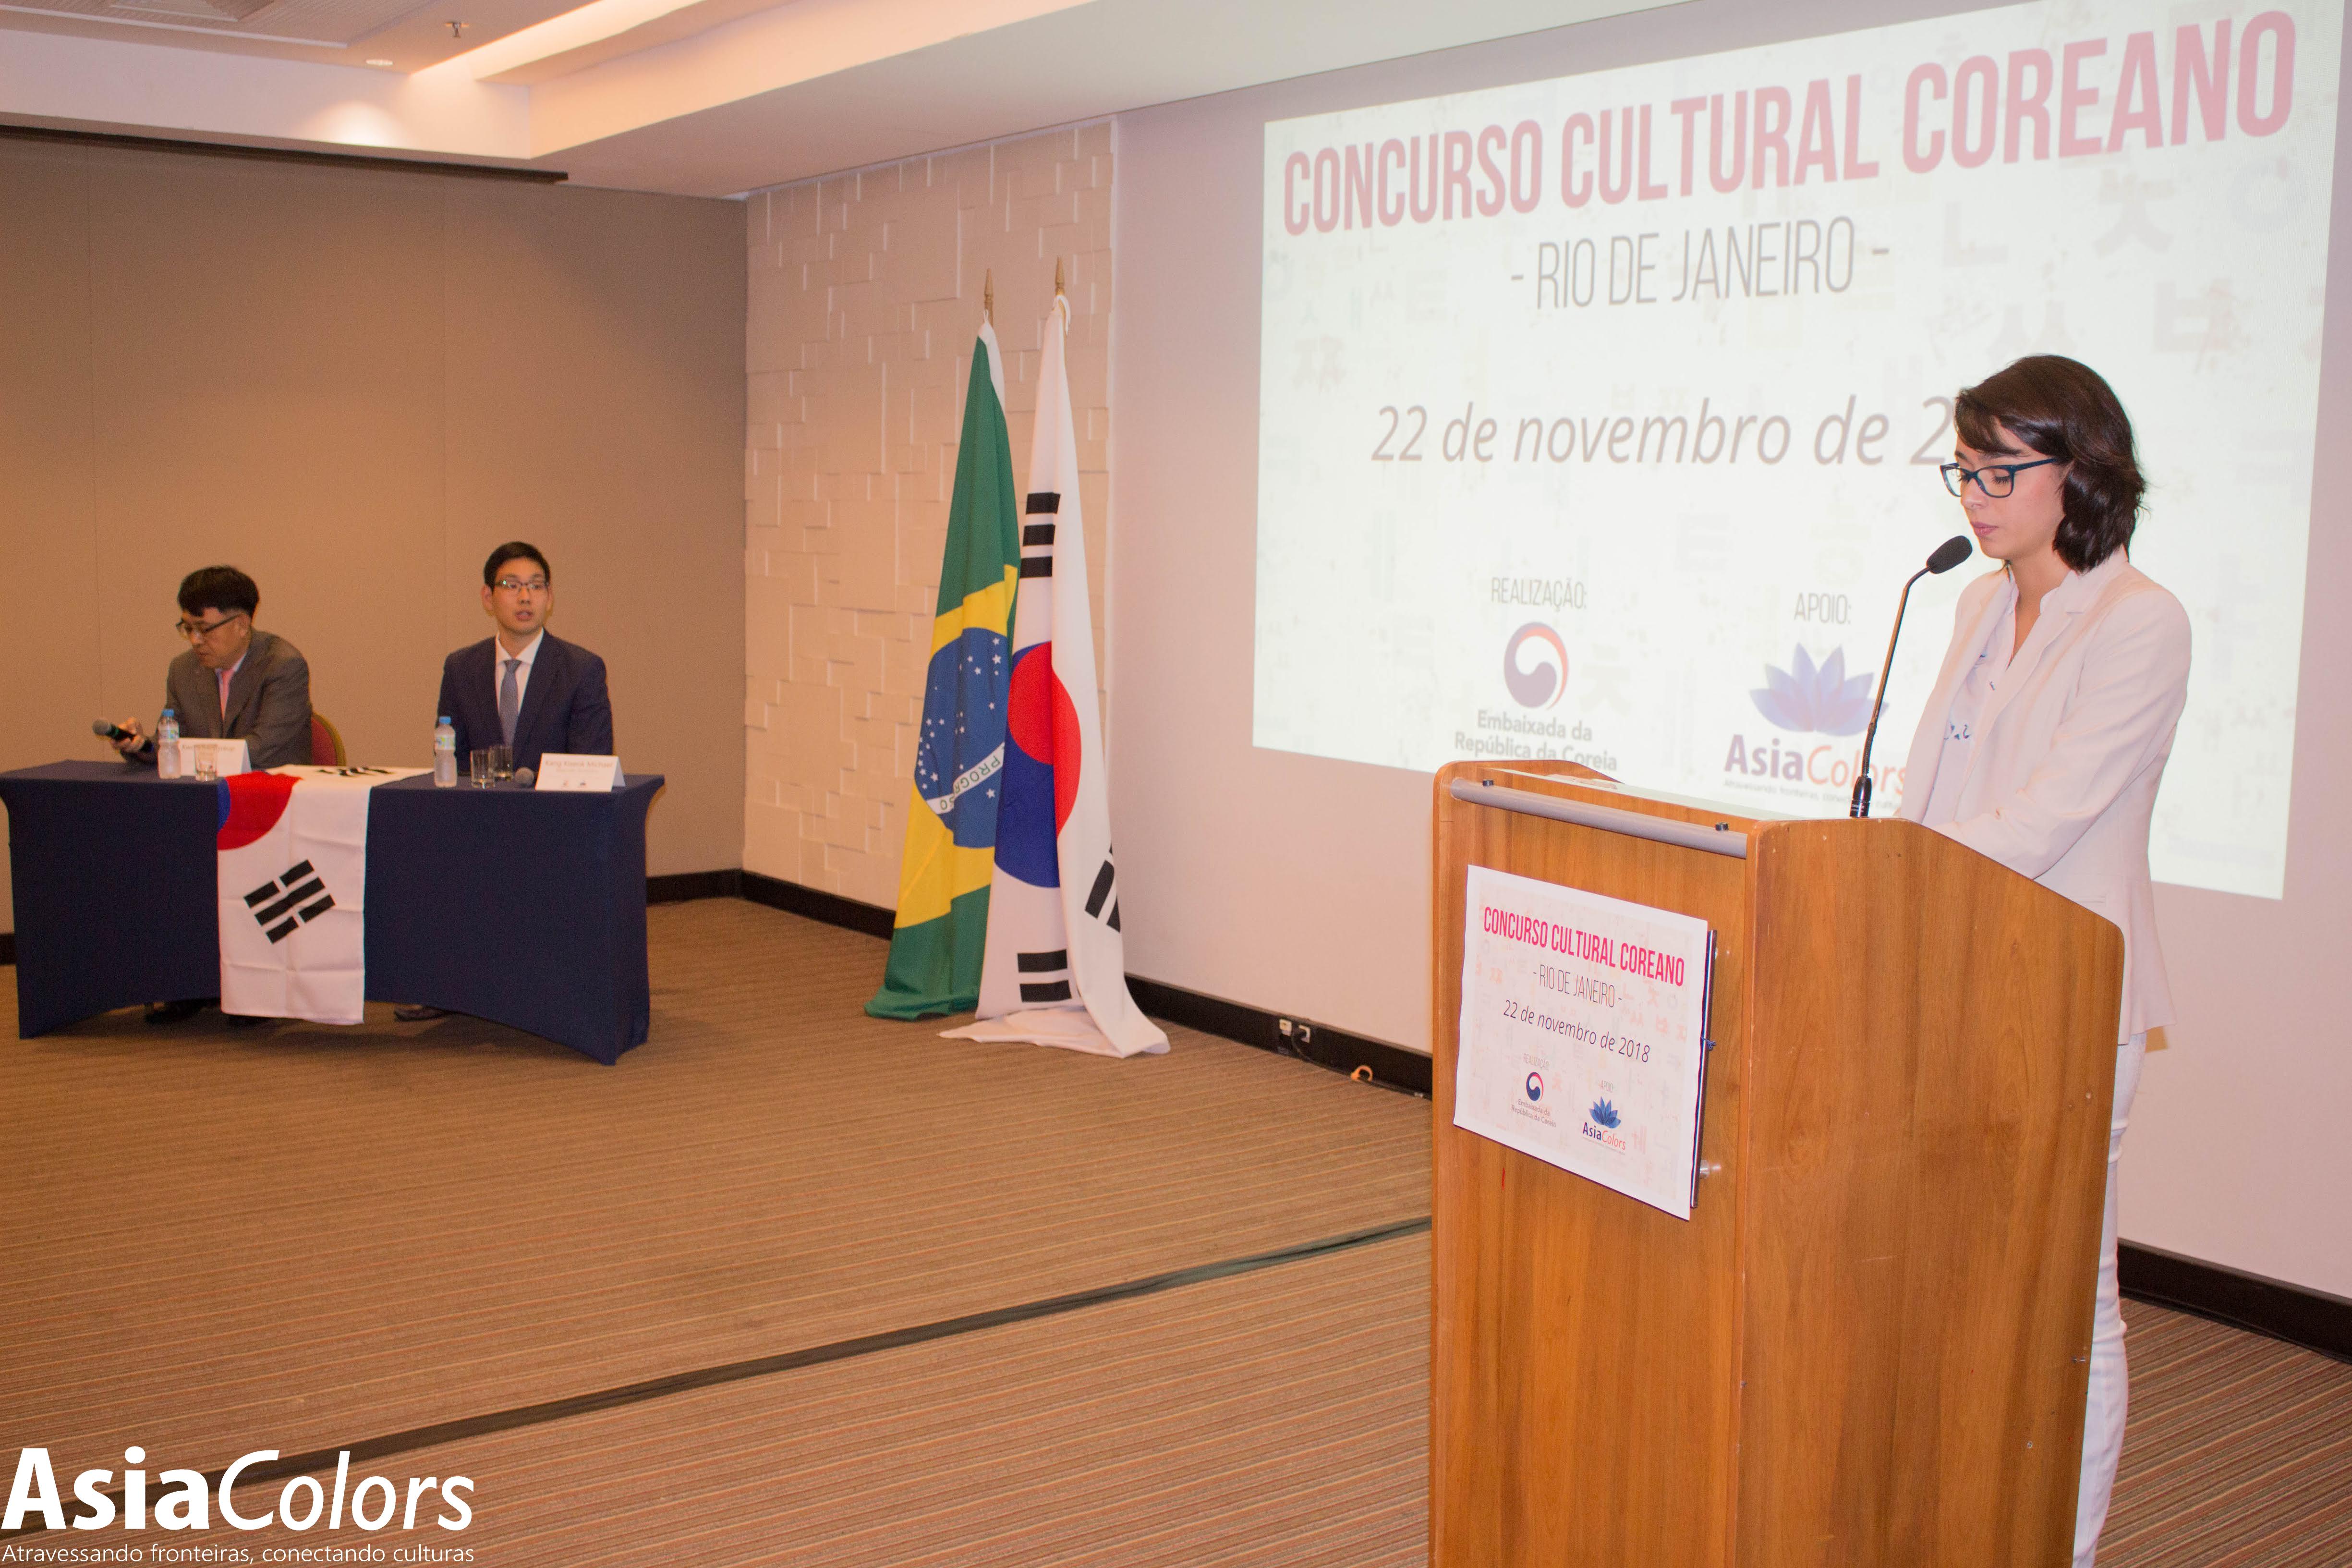 A Diretora Executiva Da Asiacolors Marcelle Torres Conduziu A Cerimônia De Premiações.. Foto: Kimio Okuno.